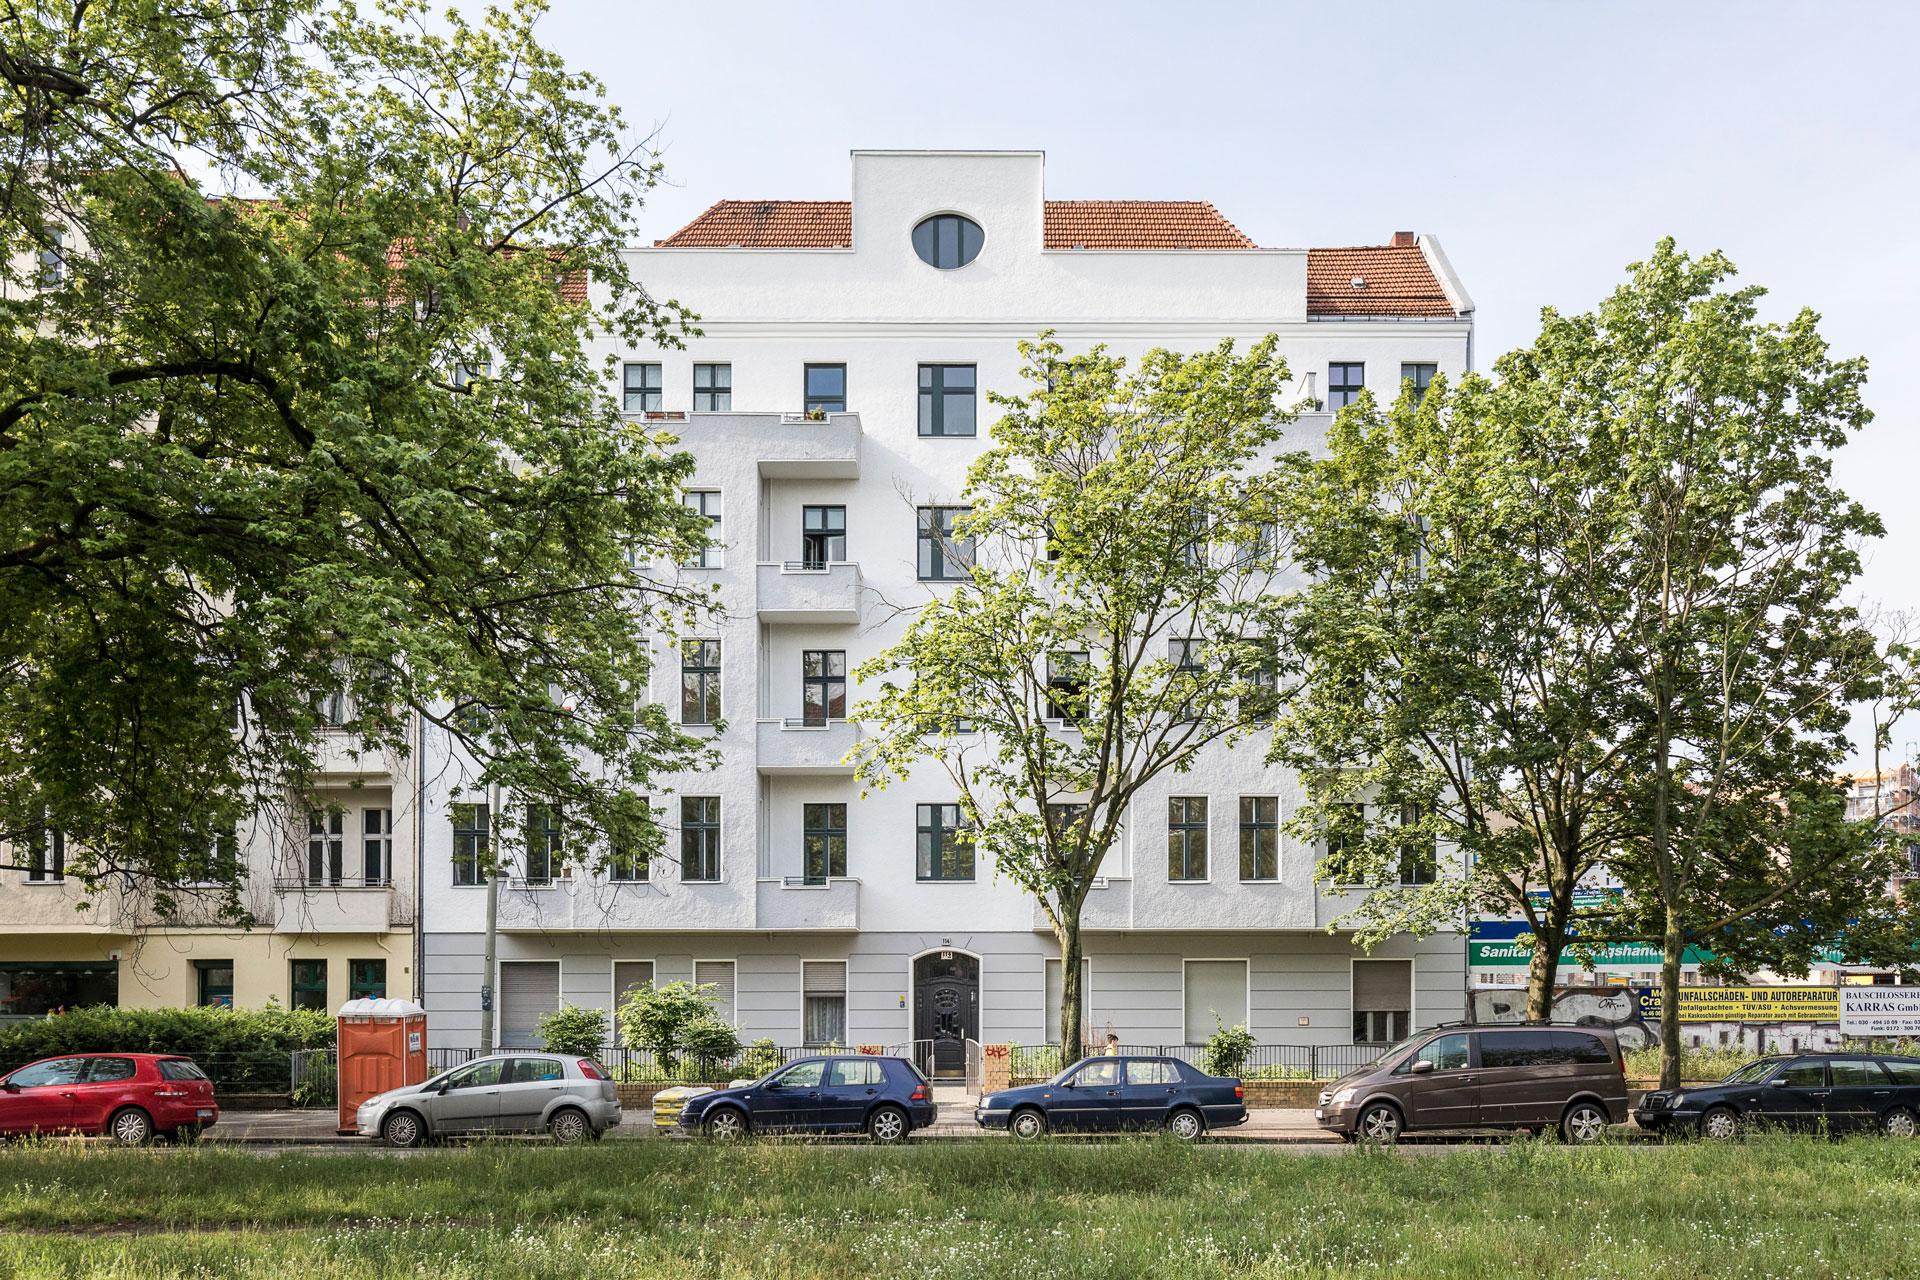 Osloer-Str-114-Fassade